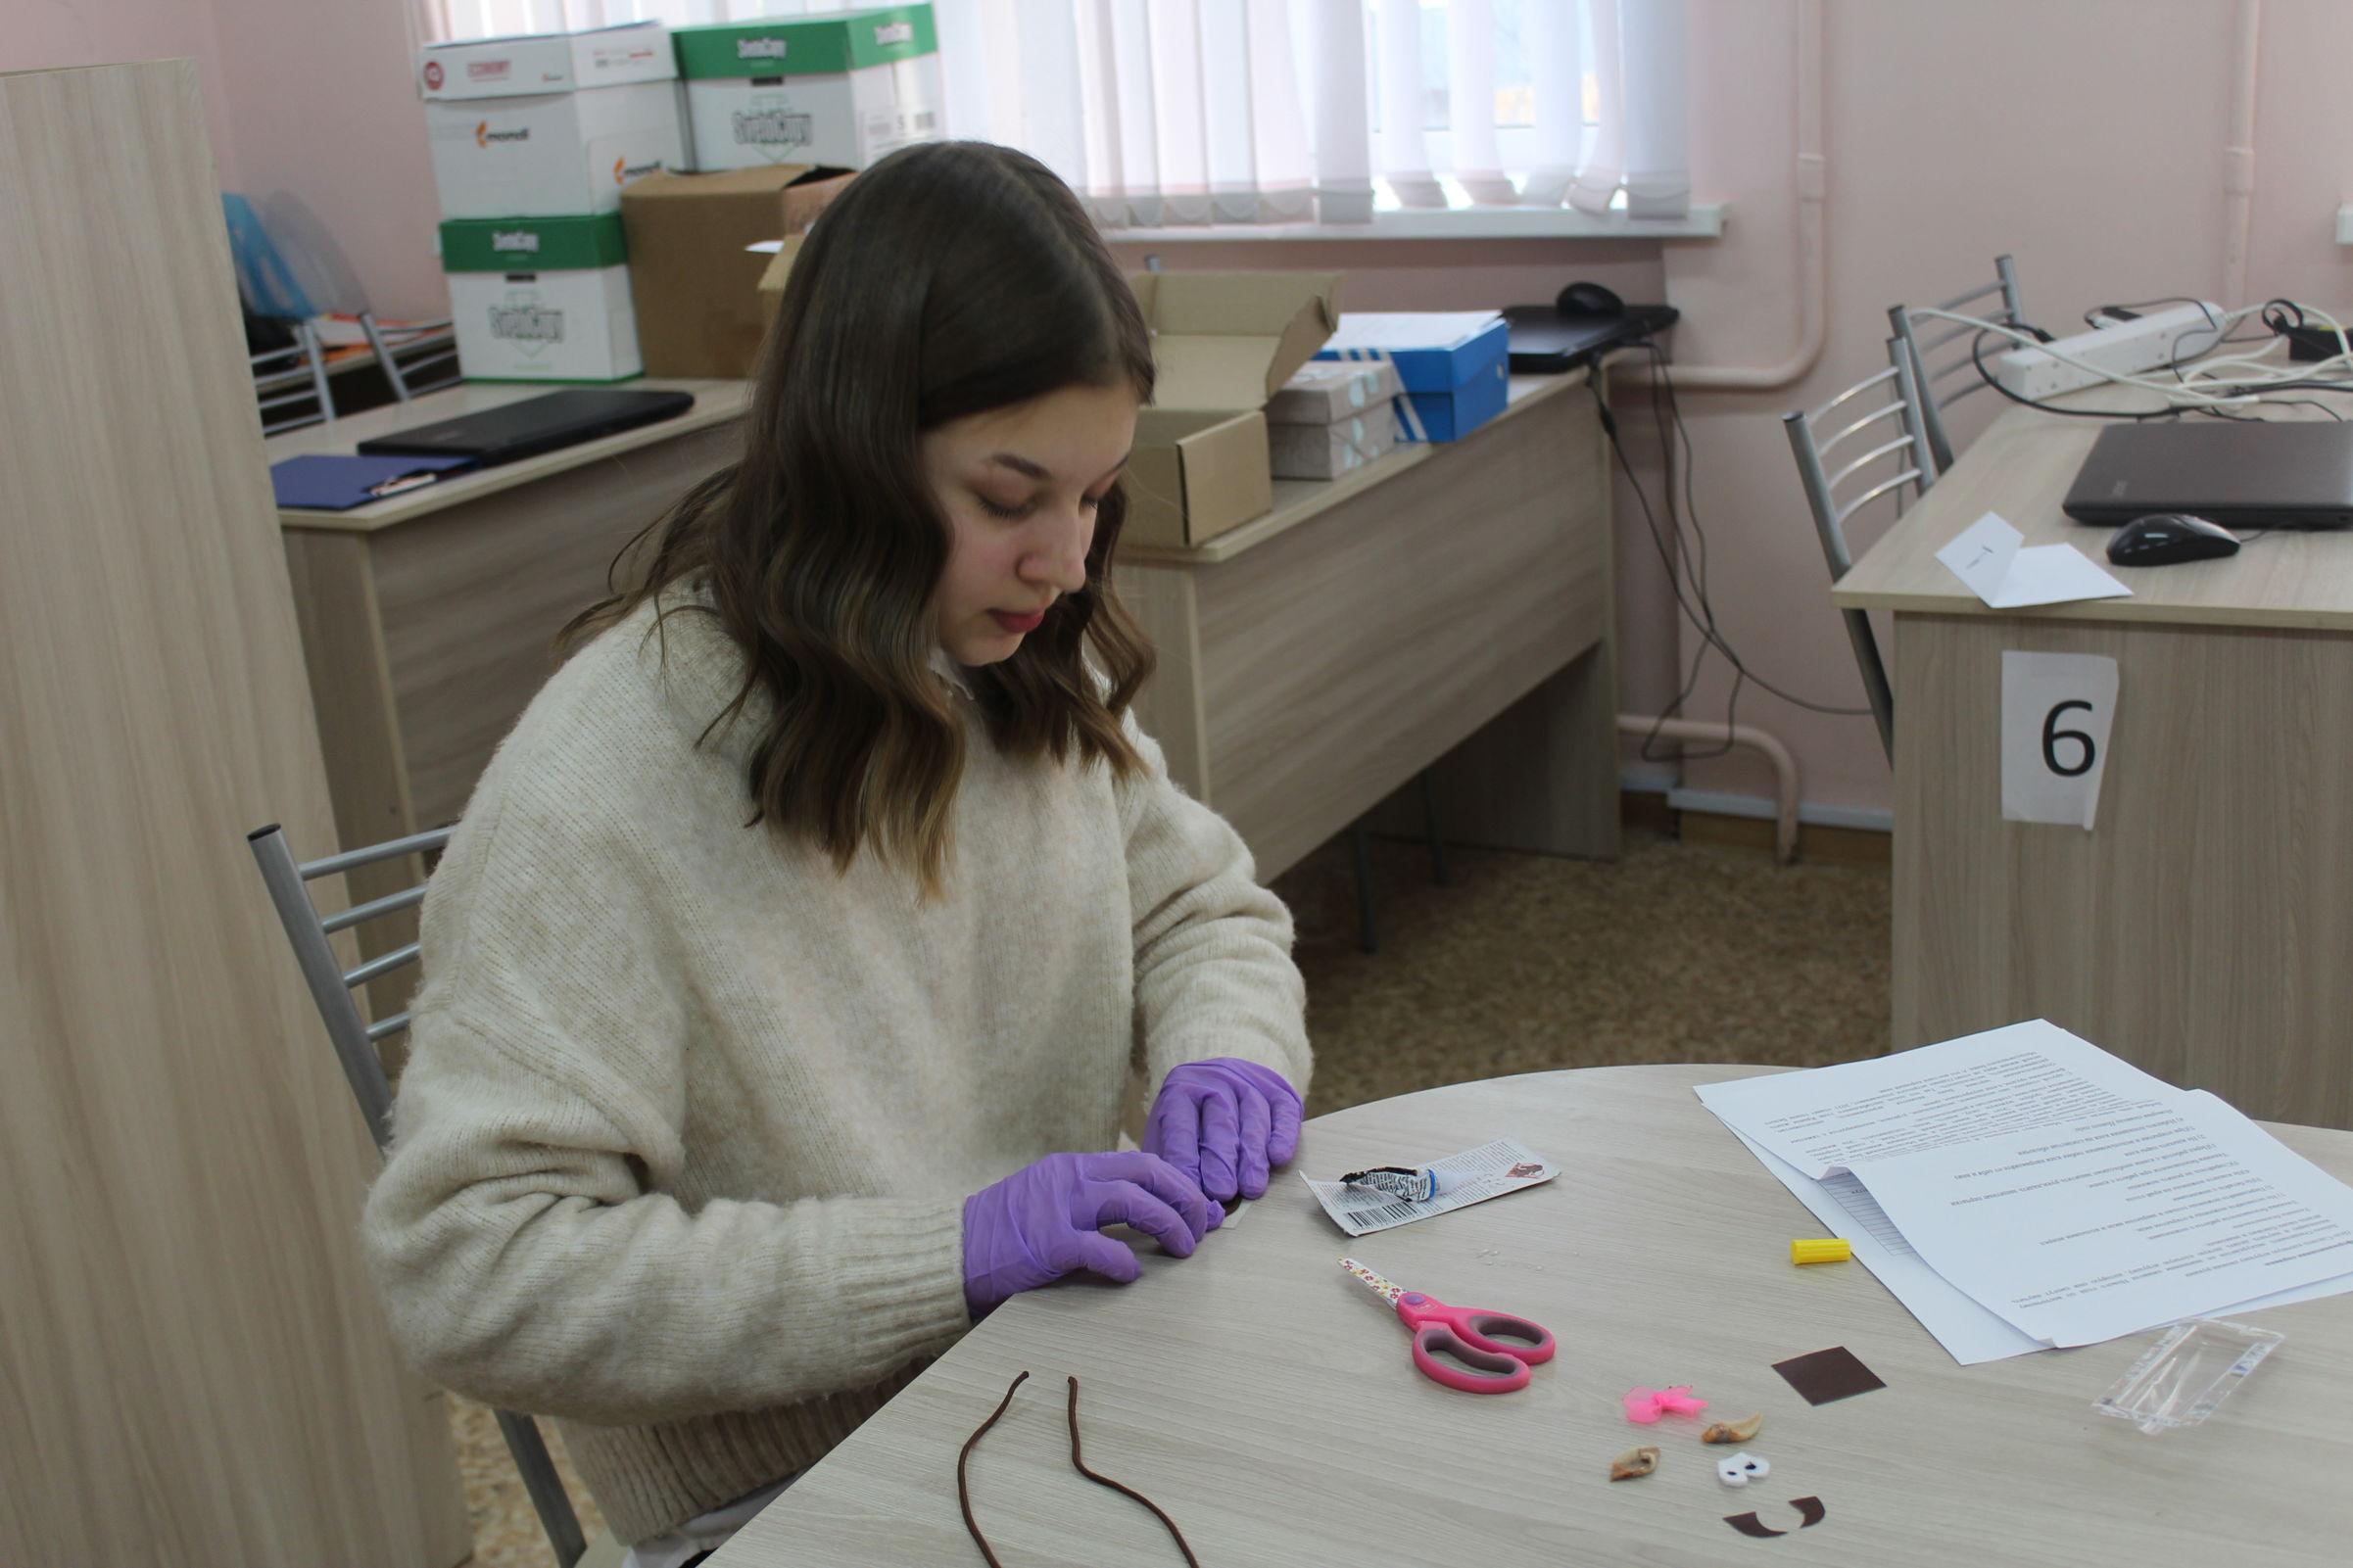 Ярославские школьники сдали демоэкзамен по стандартам «Ворлдскиллс»